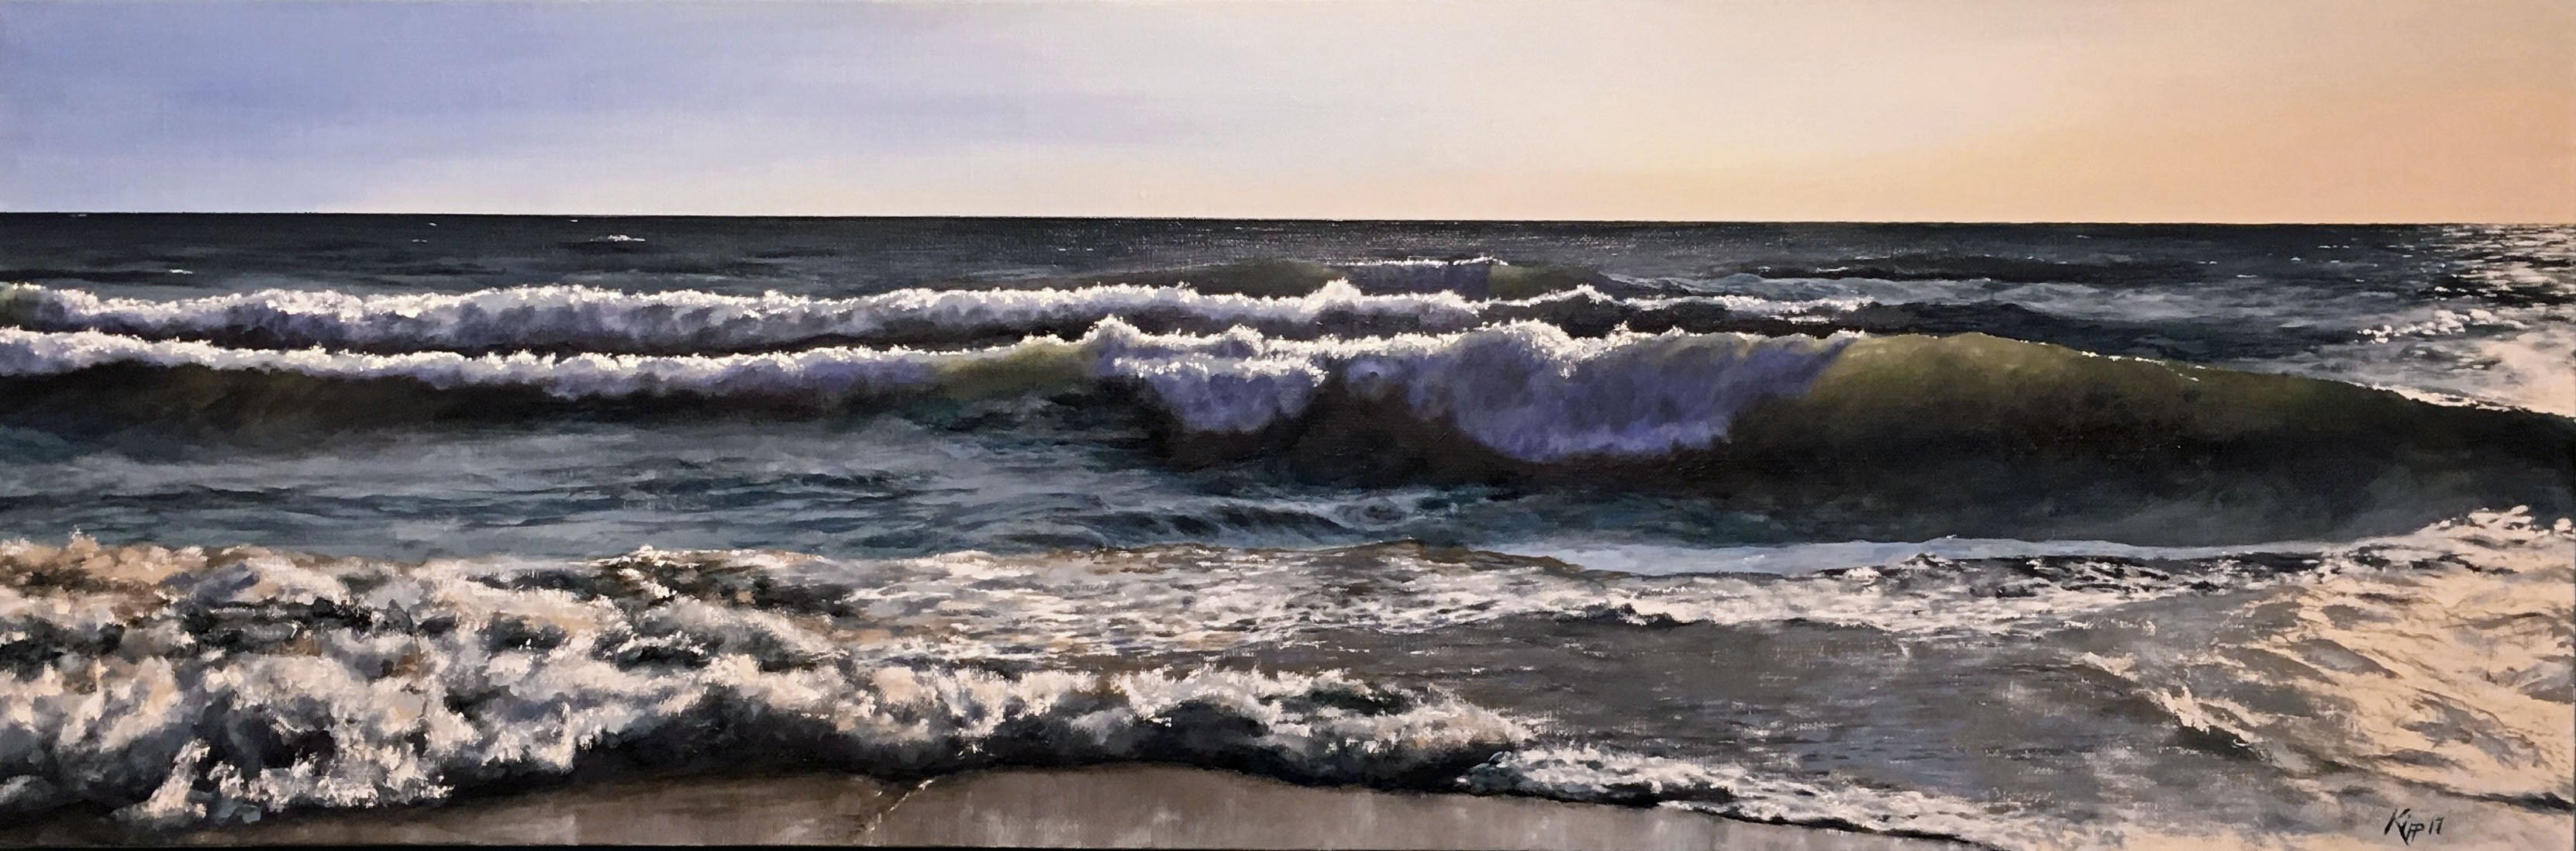 Lake Huron Waves Breaking At Lex...